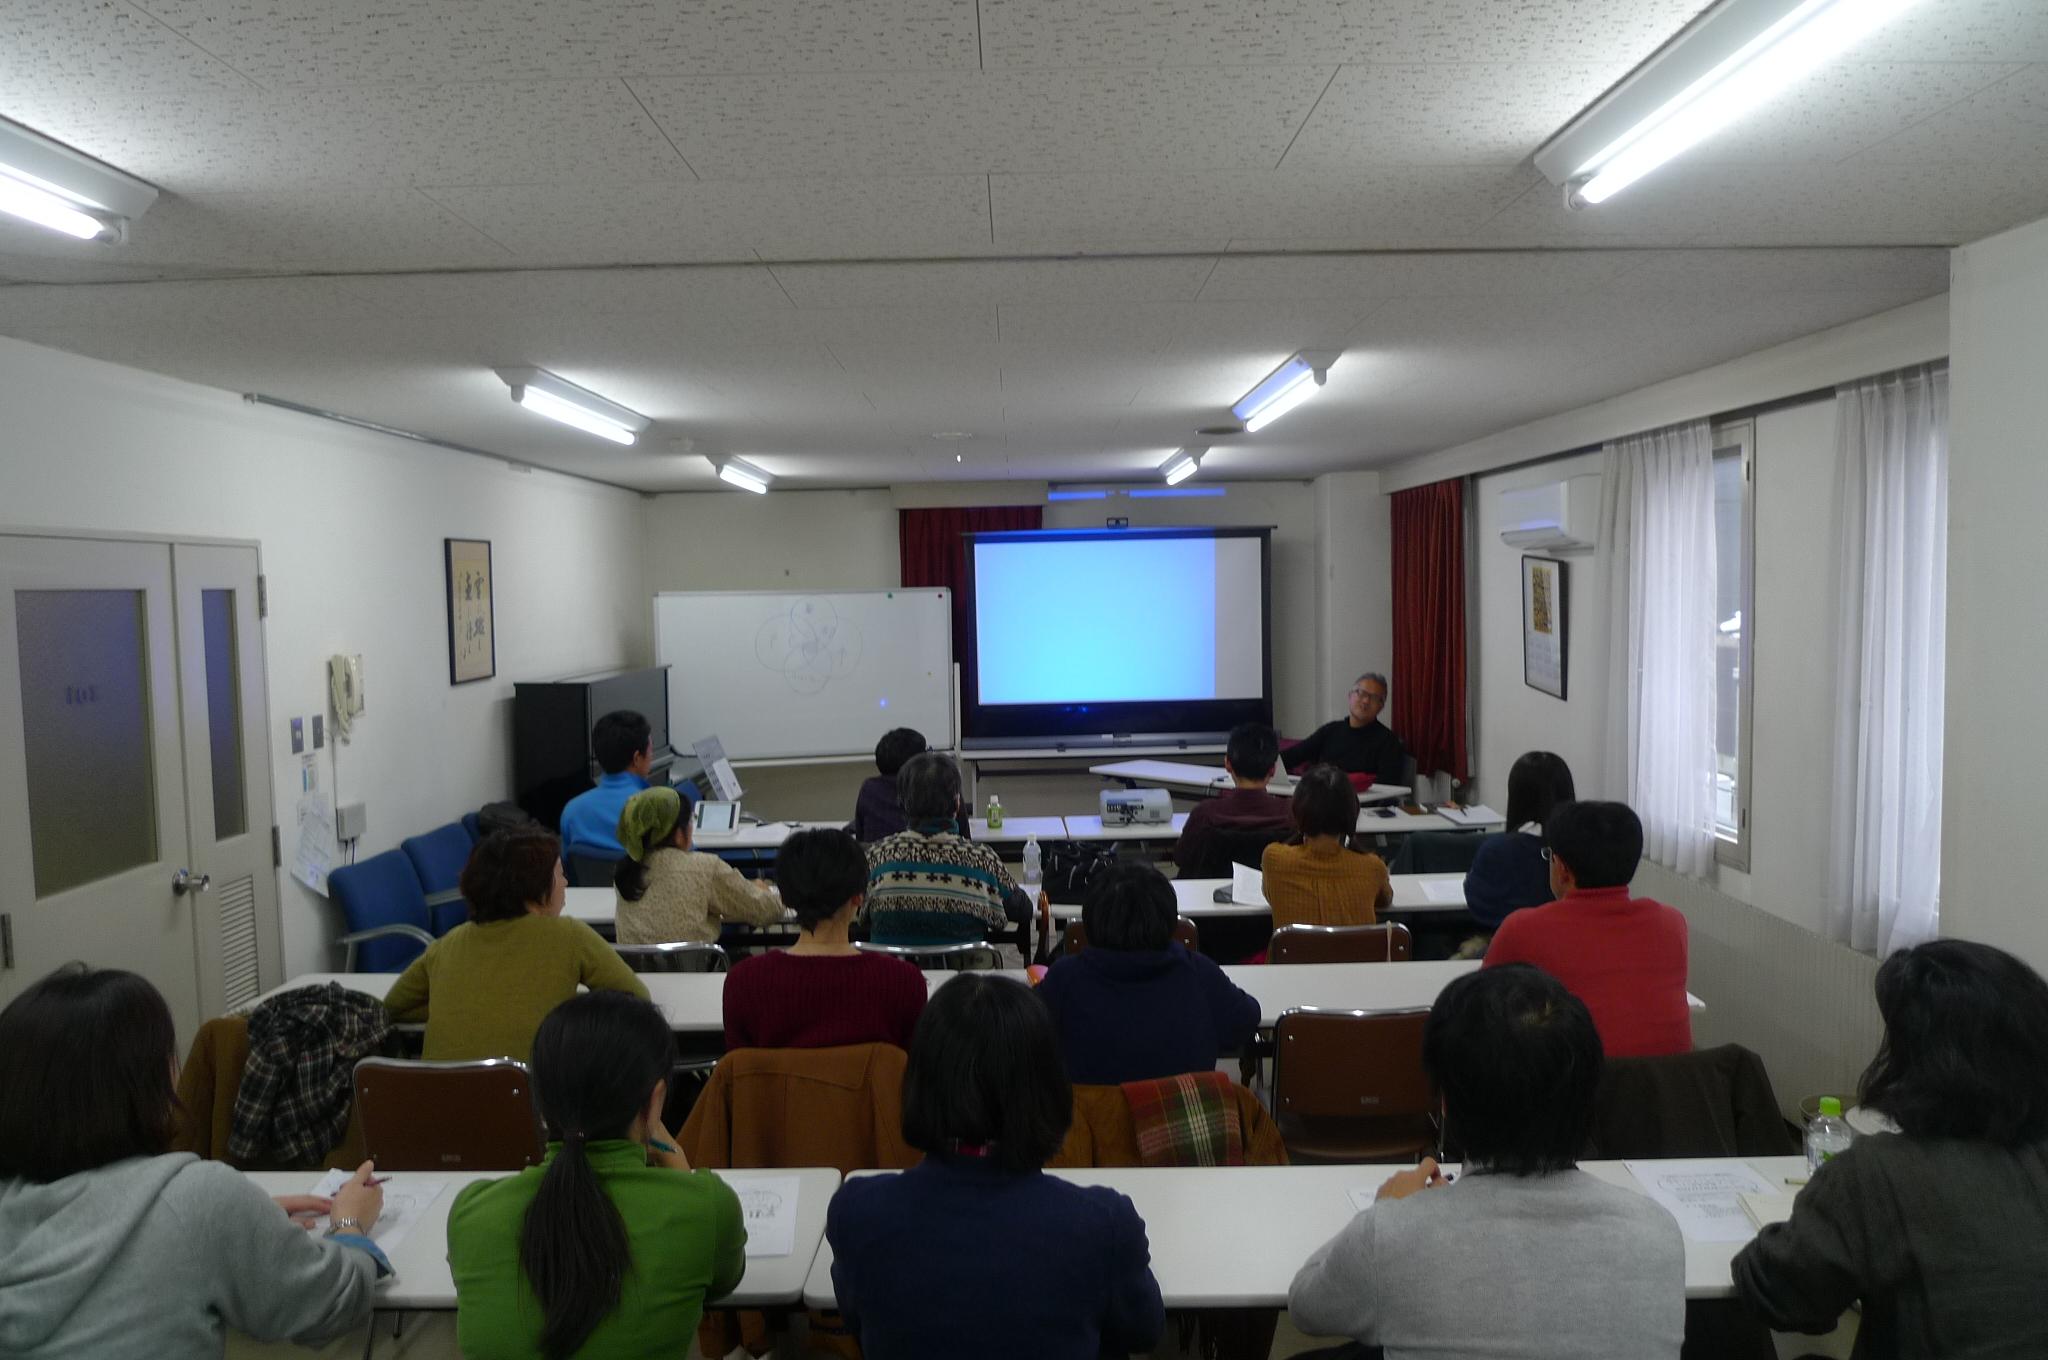 アーバンPC講座 (3)